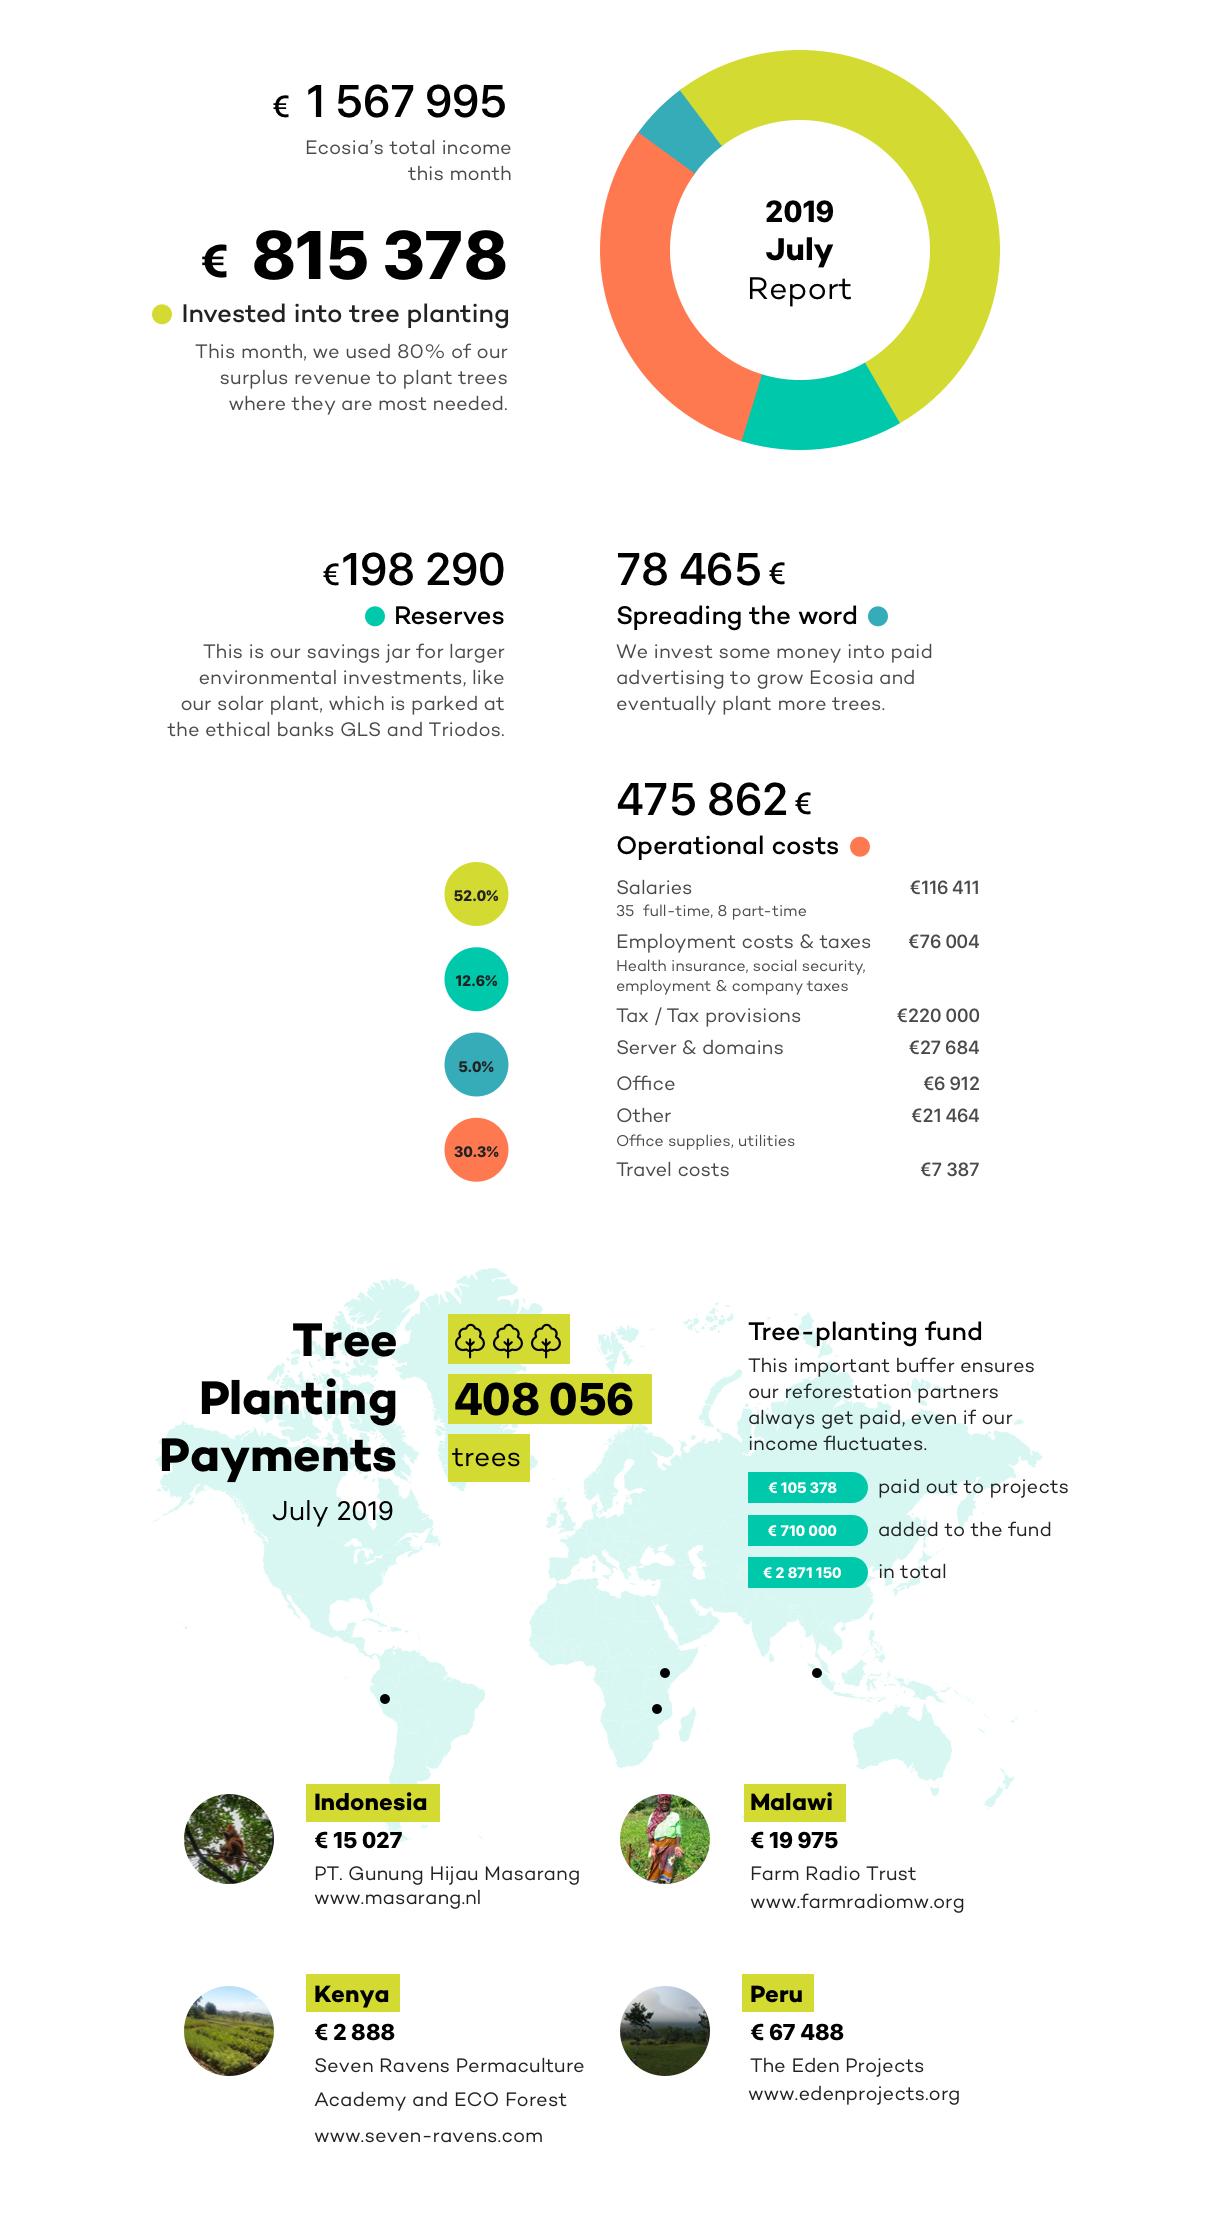 Ecosia Financial Report Jul19